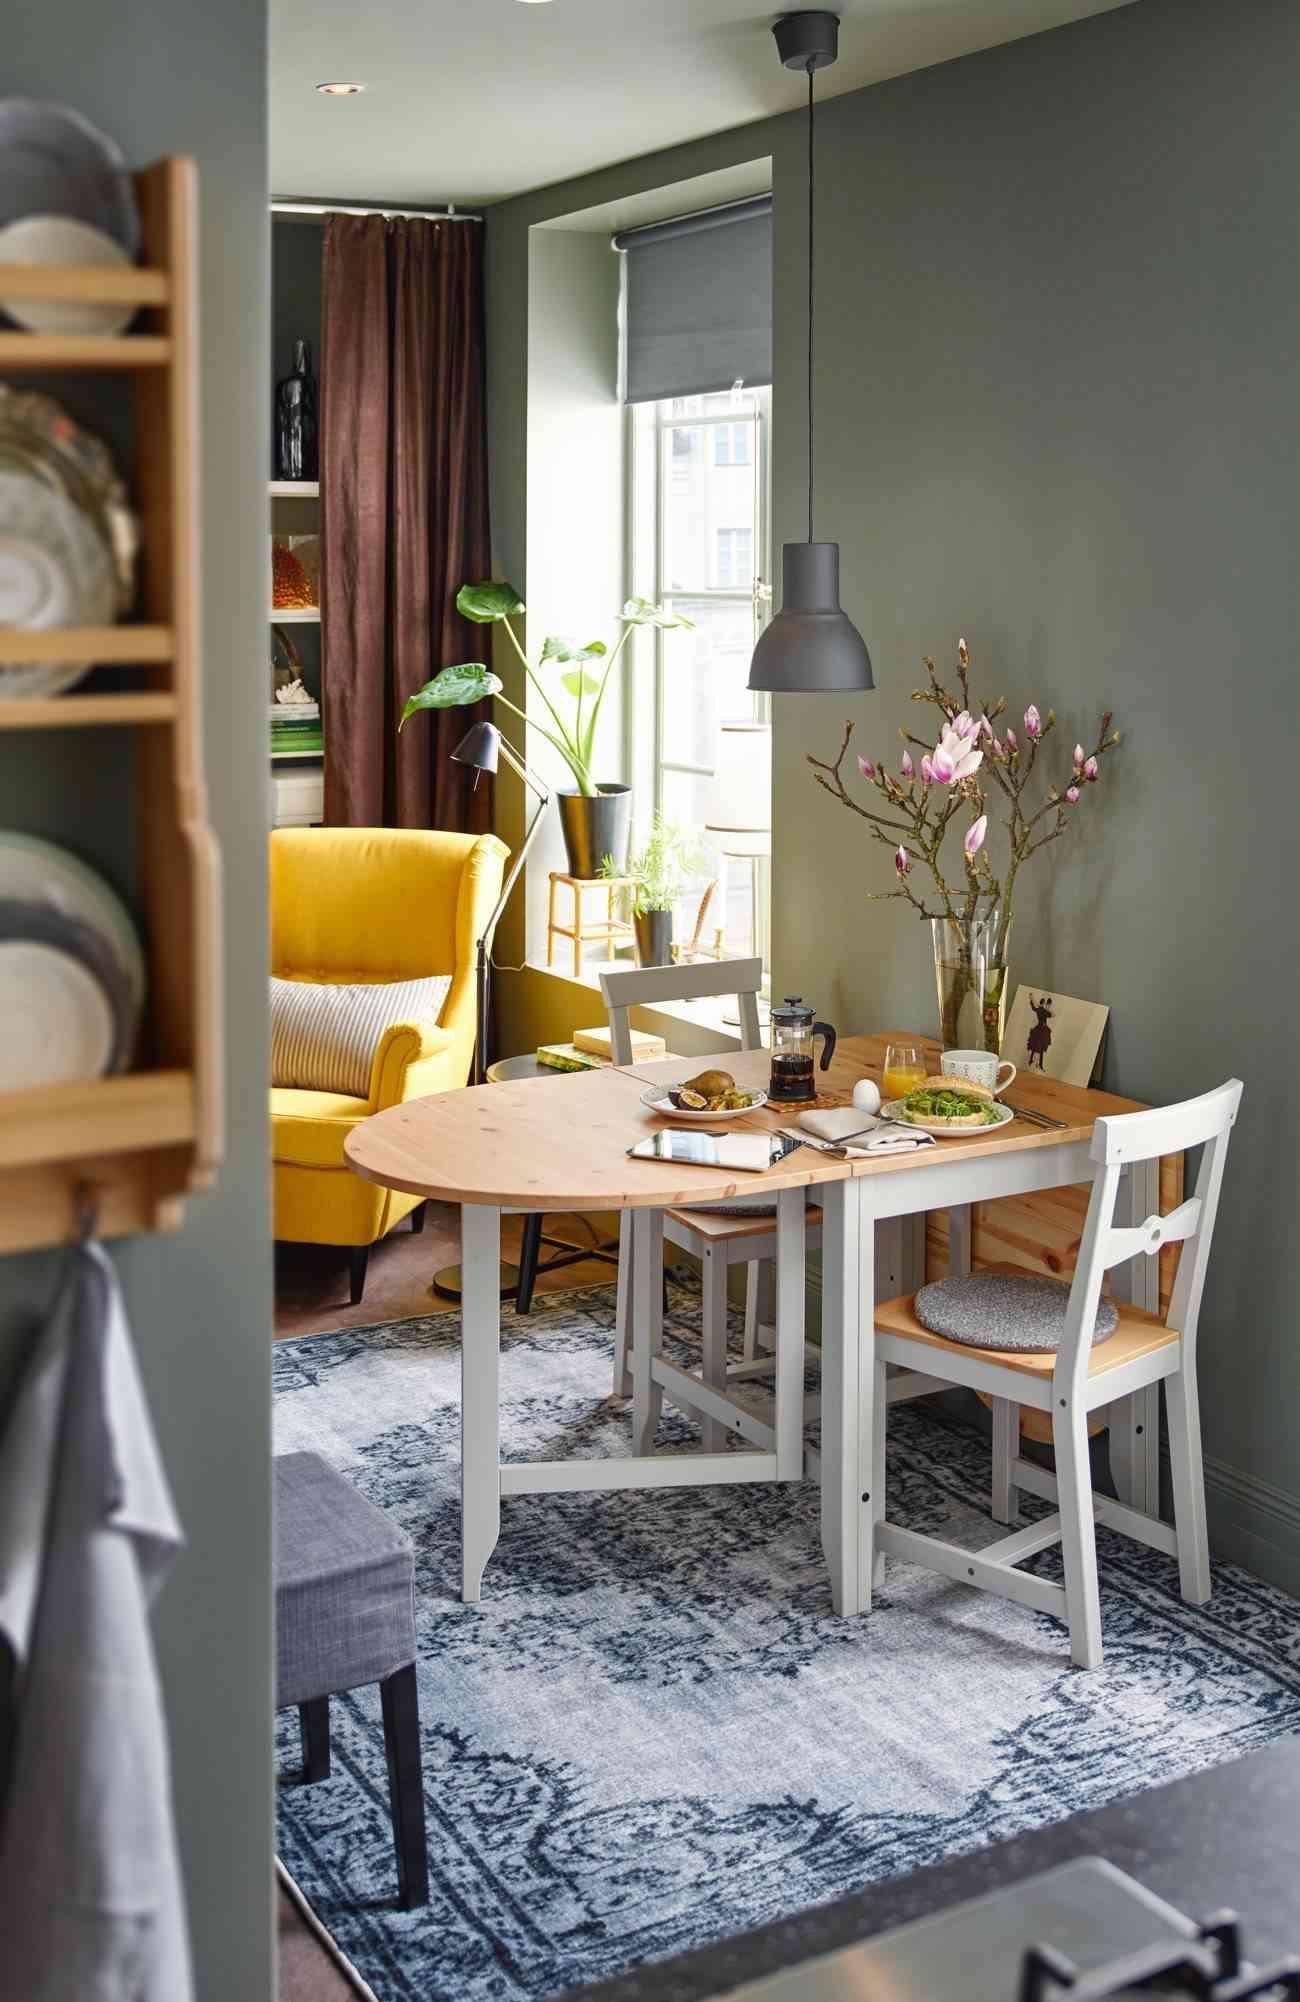 Stunning Mesa Cocina Plegable Ikea Contemporary - Casas: Ideas ...